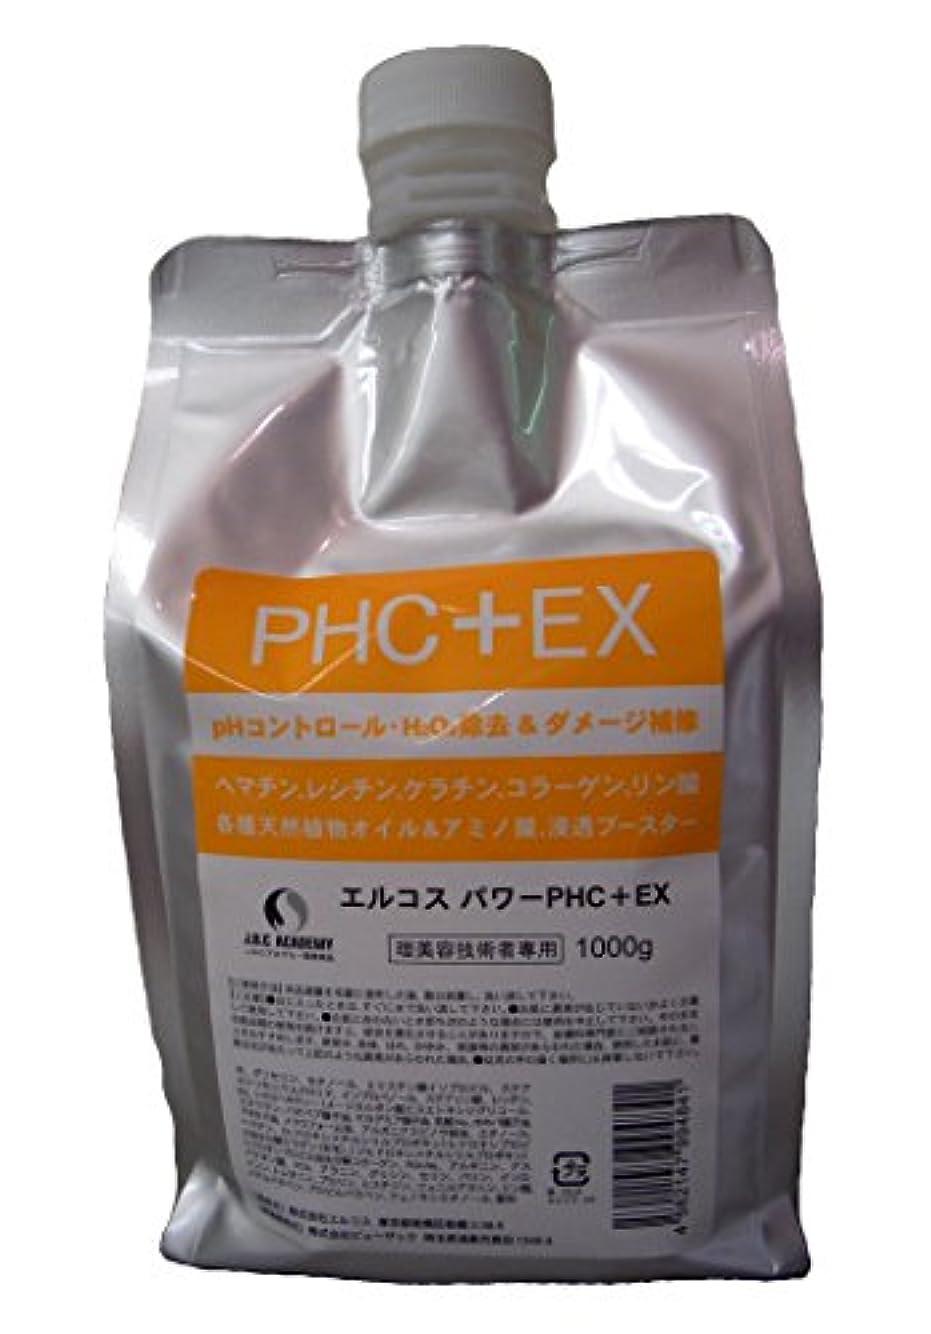 ワックス聖人マイナーエルコス パワー PHC+EX 1000g 詰め替え?業務用